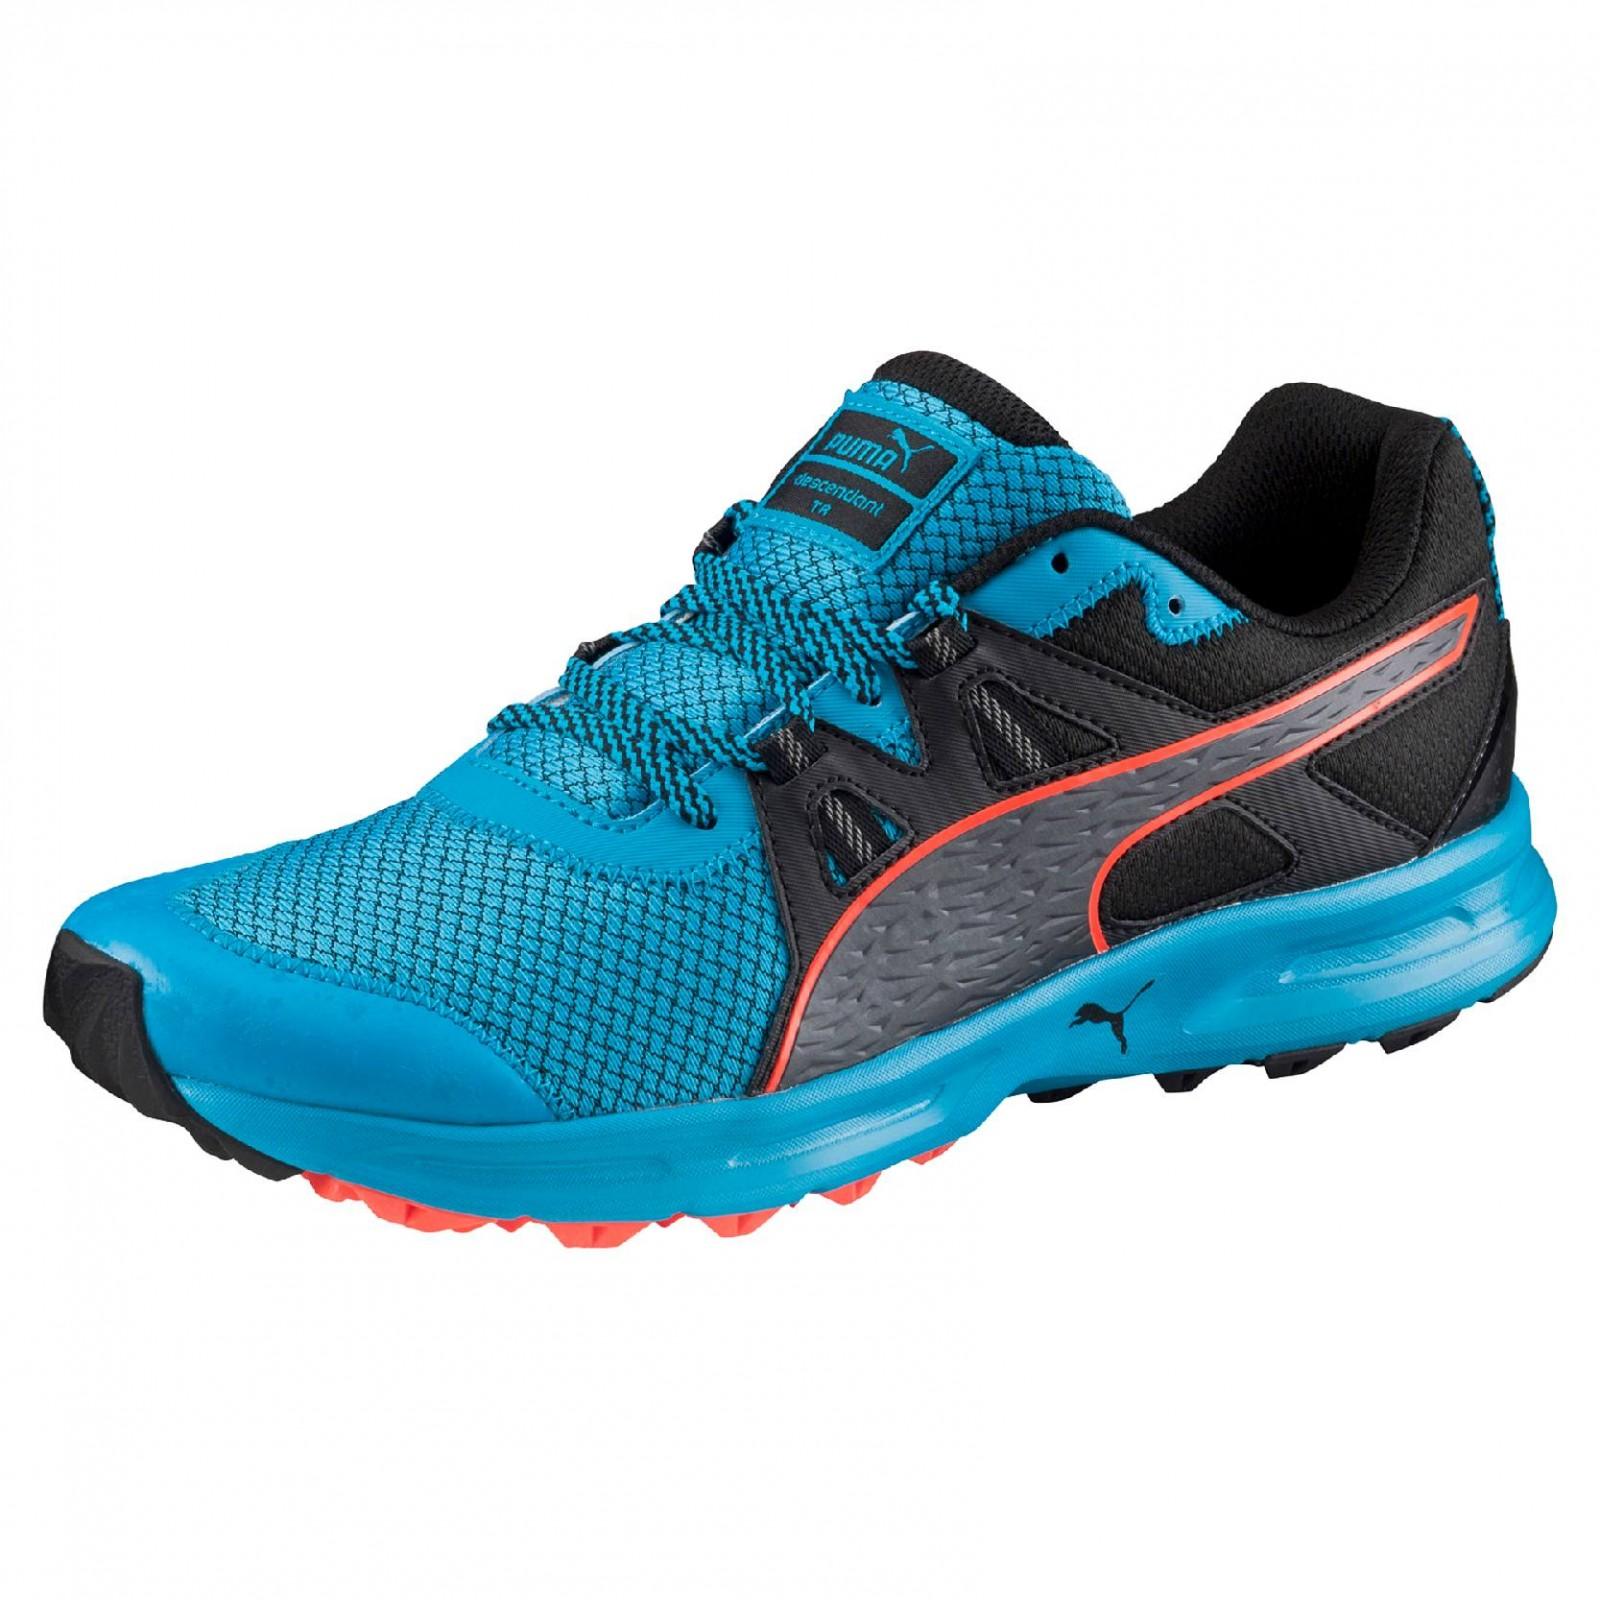 ce915a03b1f Pánské běžecké boty Puma Descendant TR atomic blue-blac